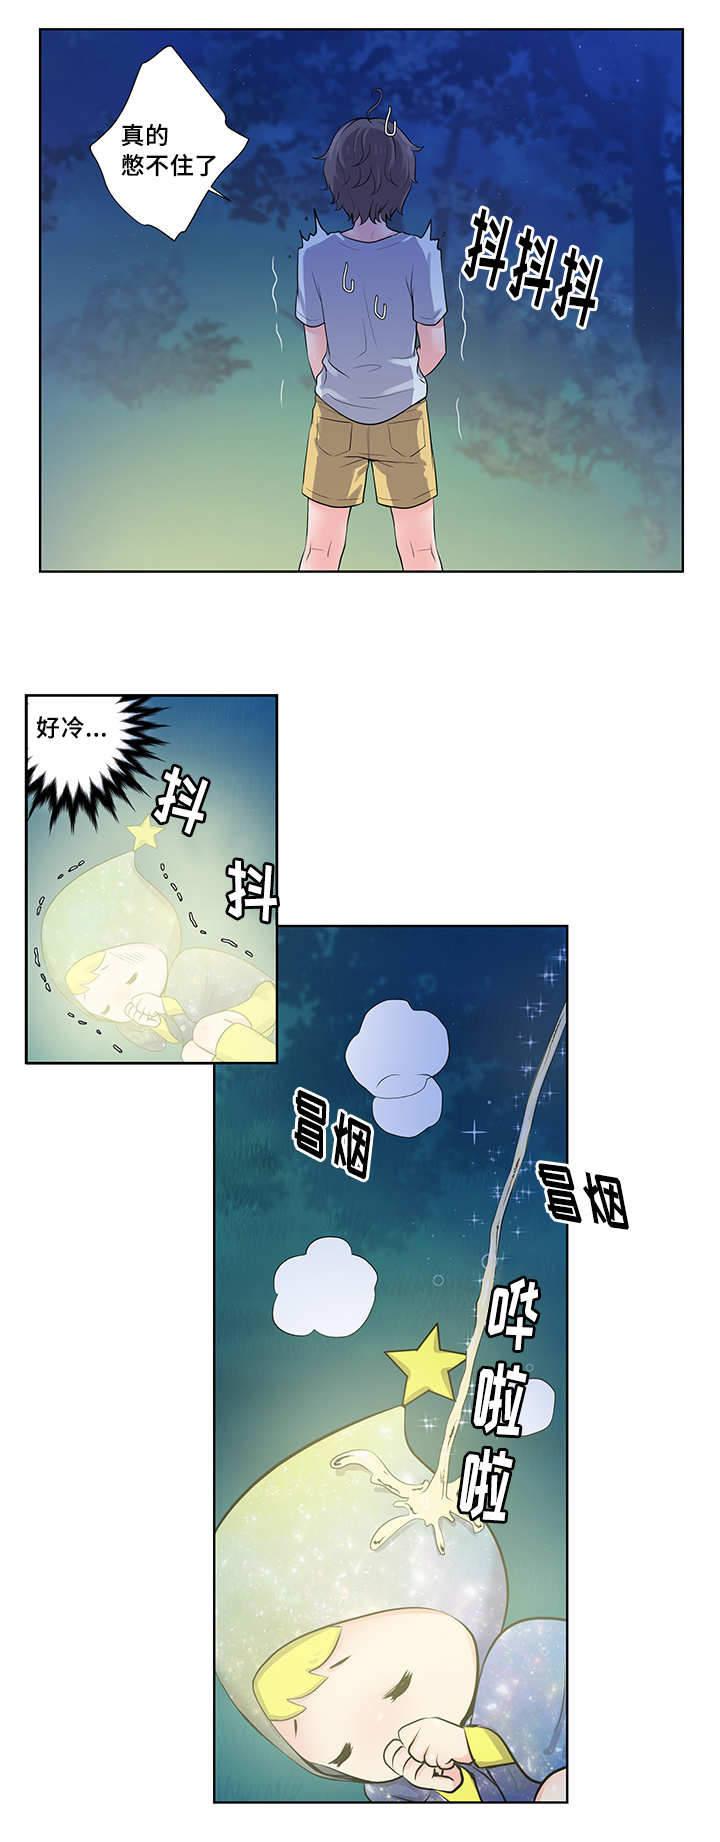 斩男香-漫画完整版汉化 全集在线阅读 连载更新至56话-啵乐漫画